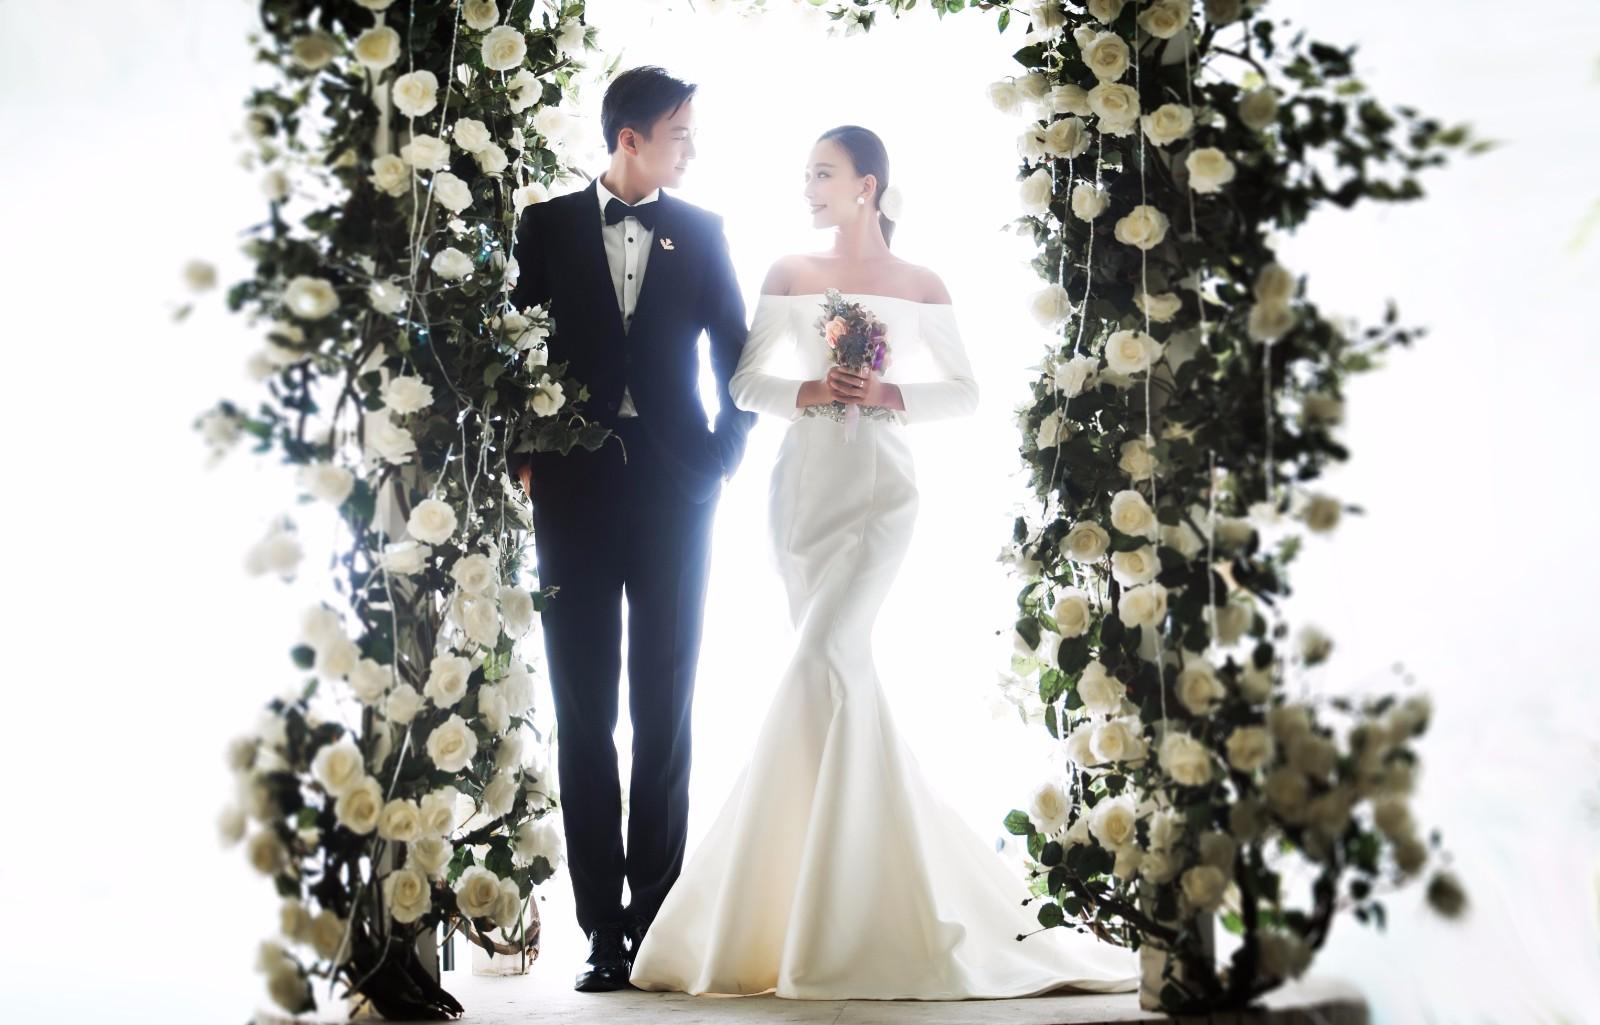 男女结婚法定年龄是多少?这个一定要知道了!